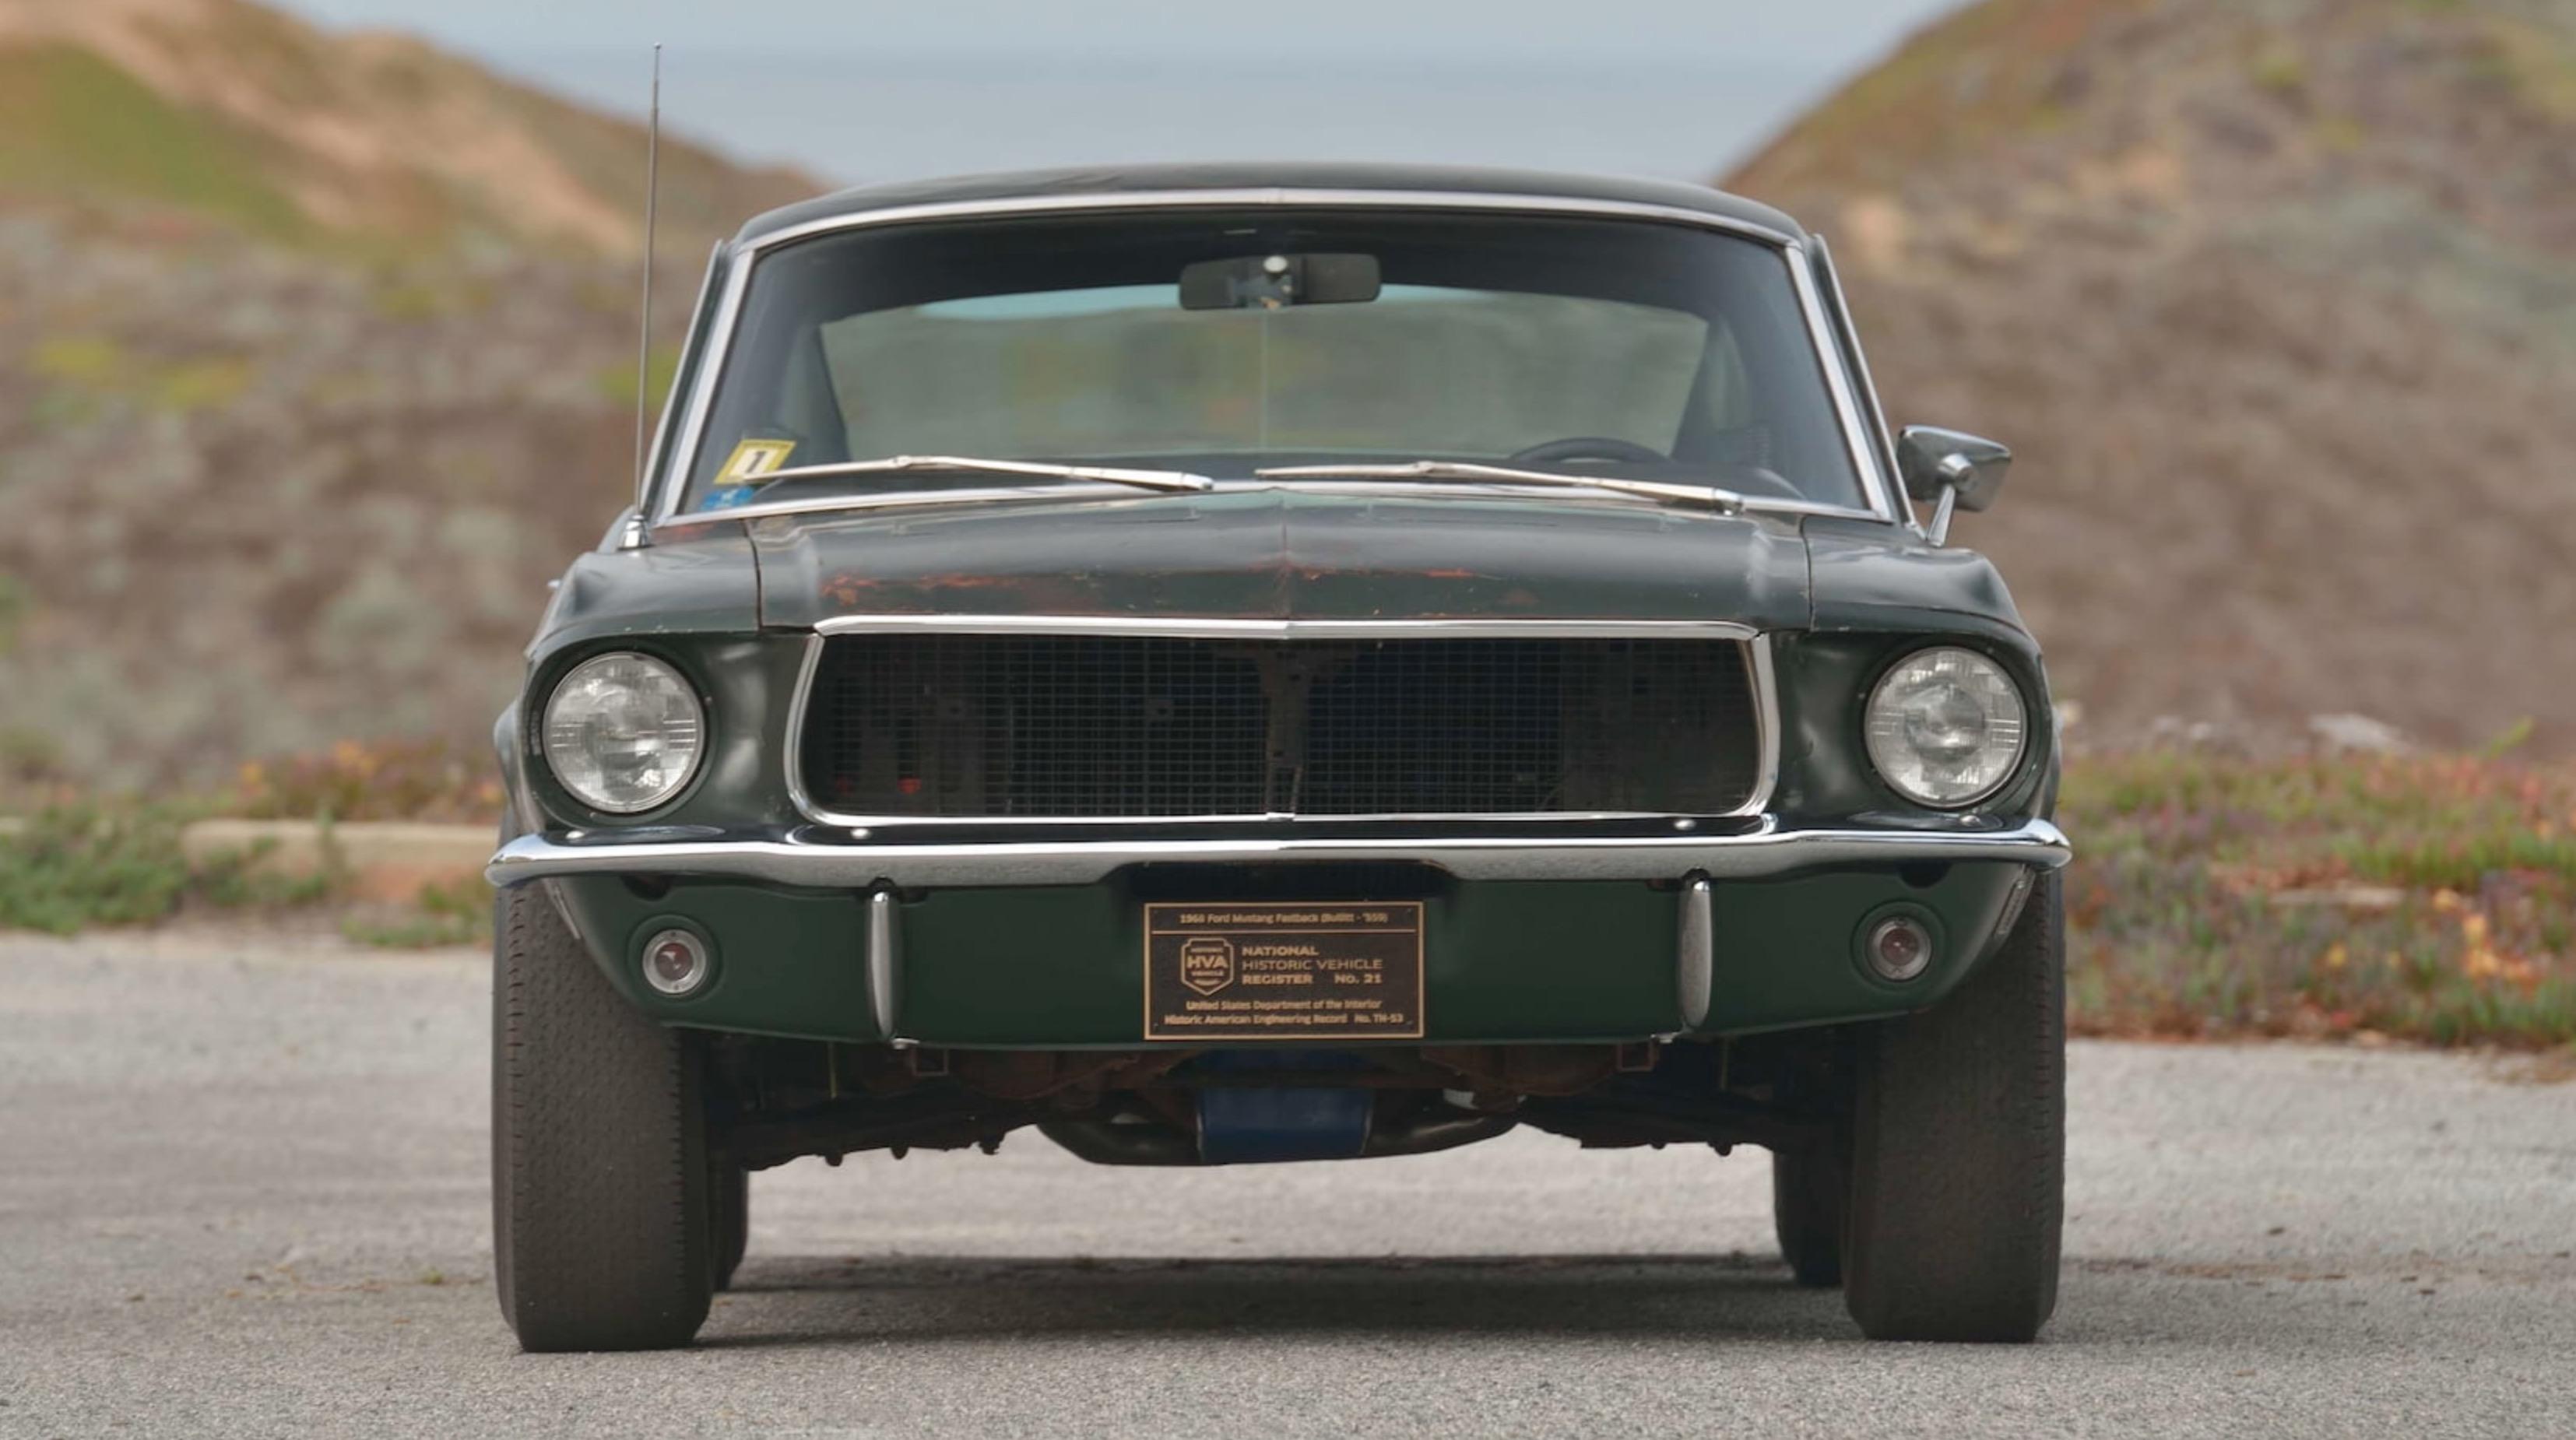 Bullitt Mustang sells for cool $3.4m